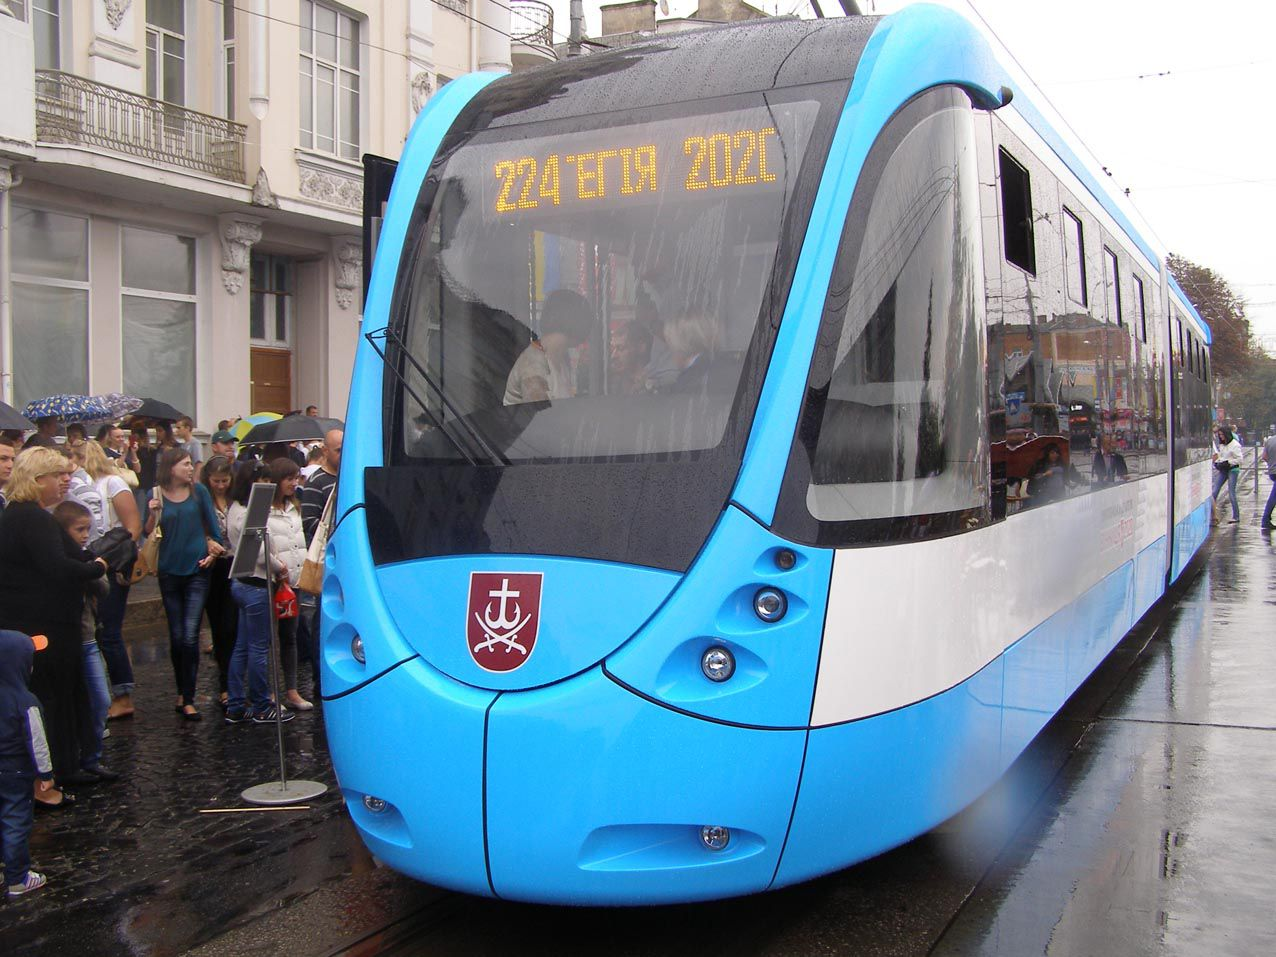 Вінниця: У трамвая іменини